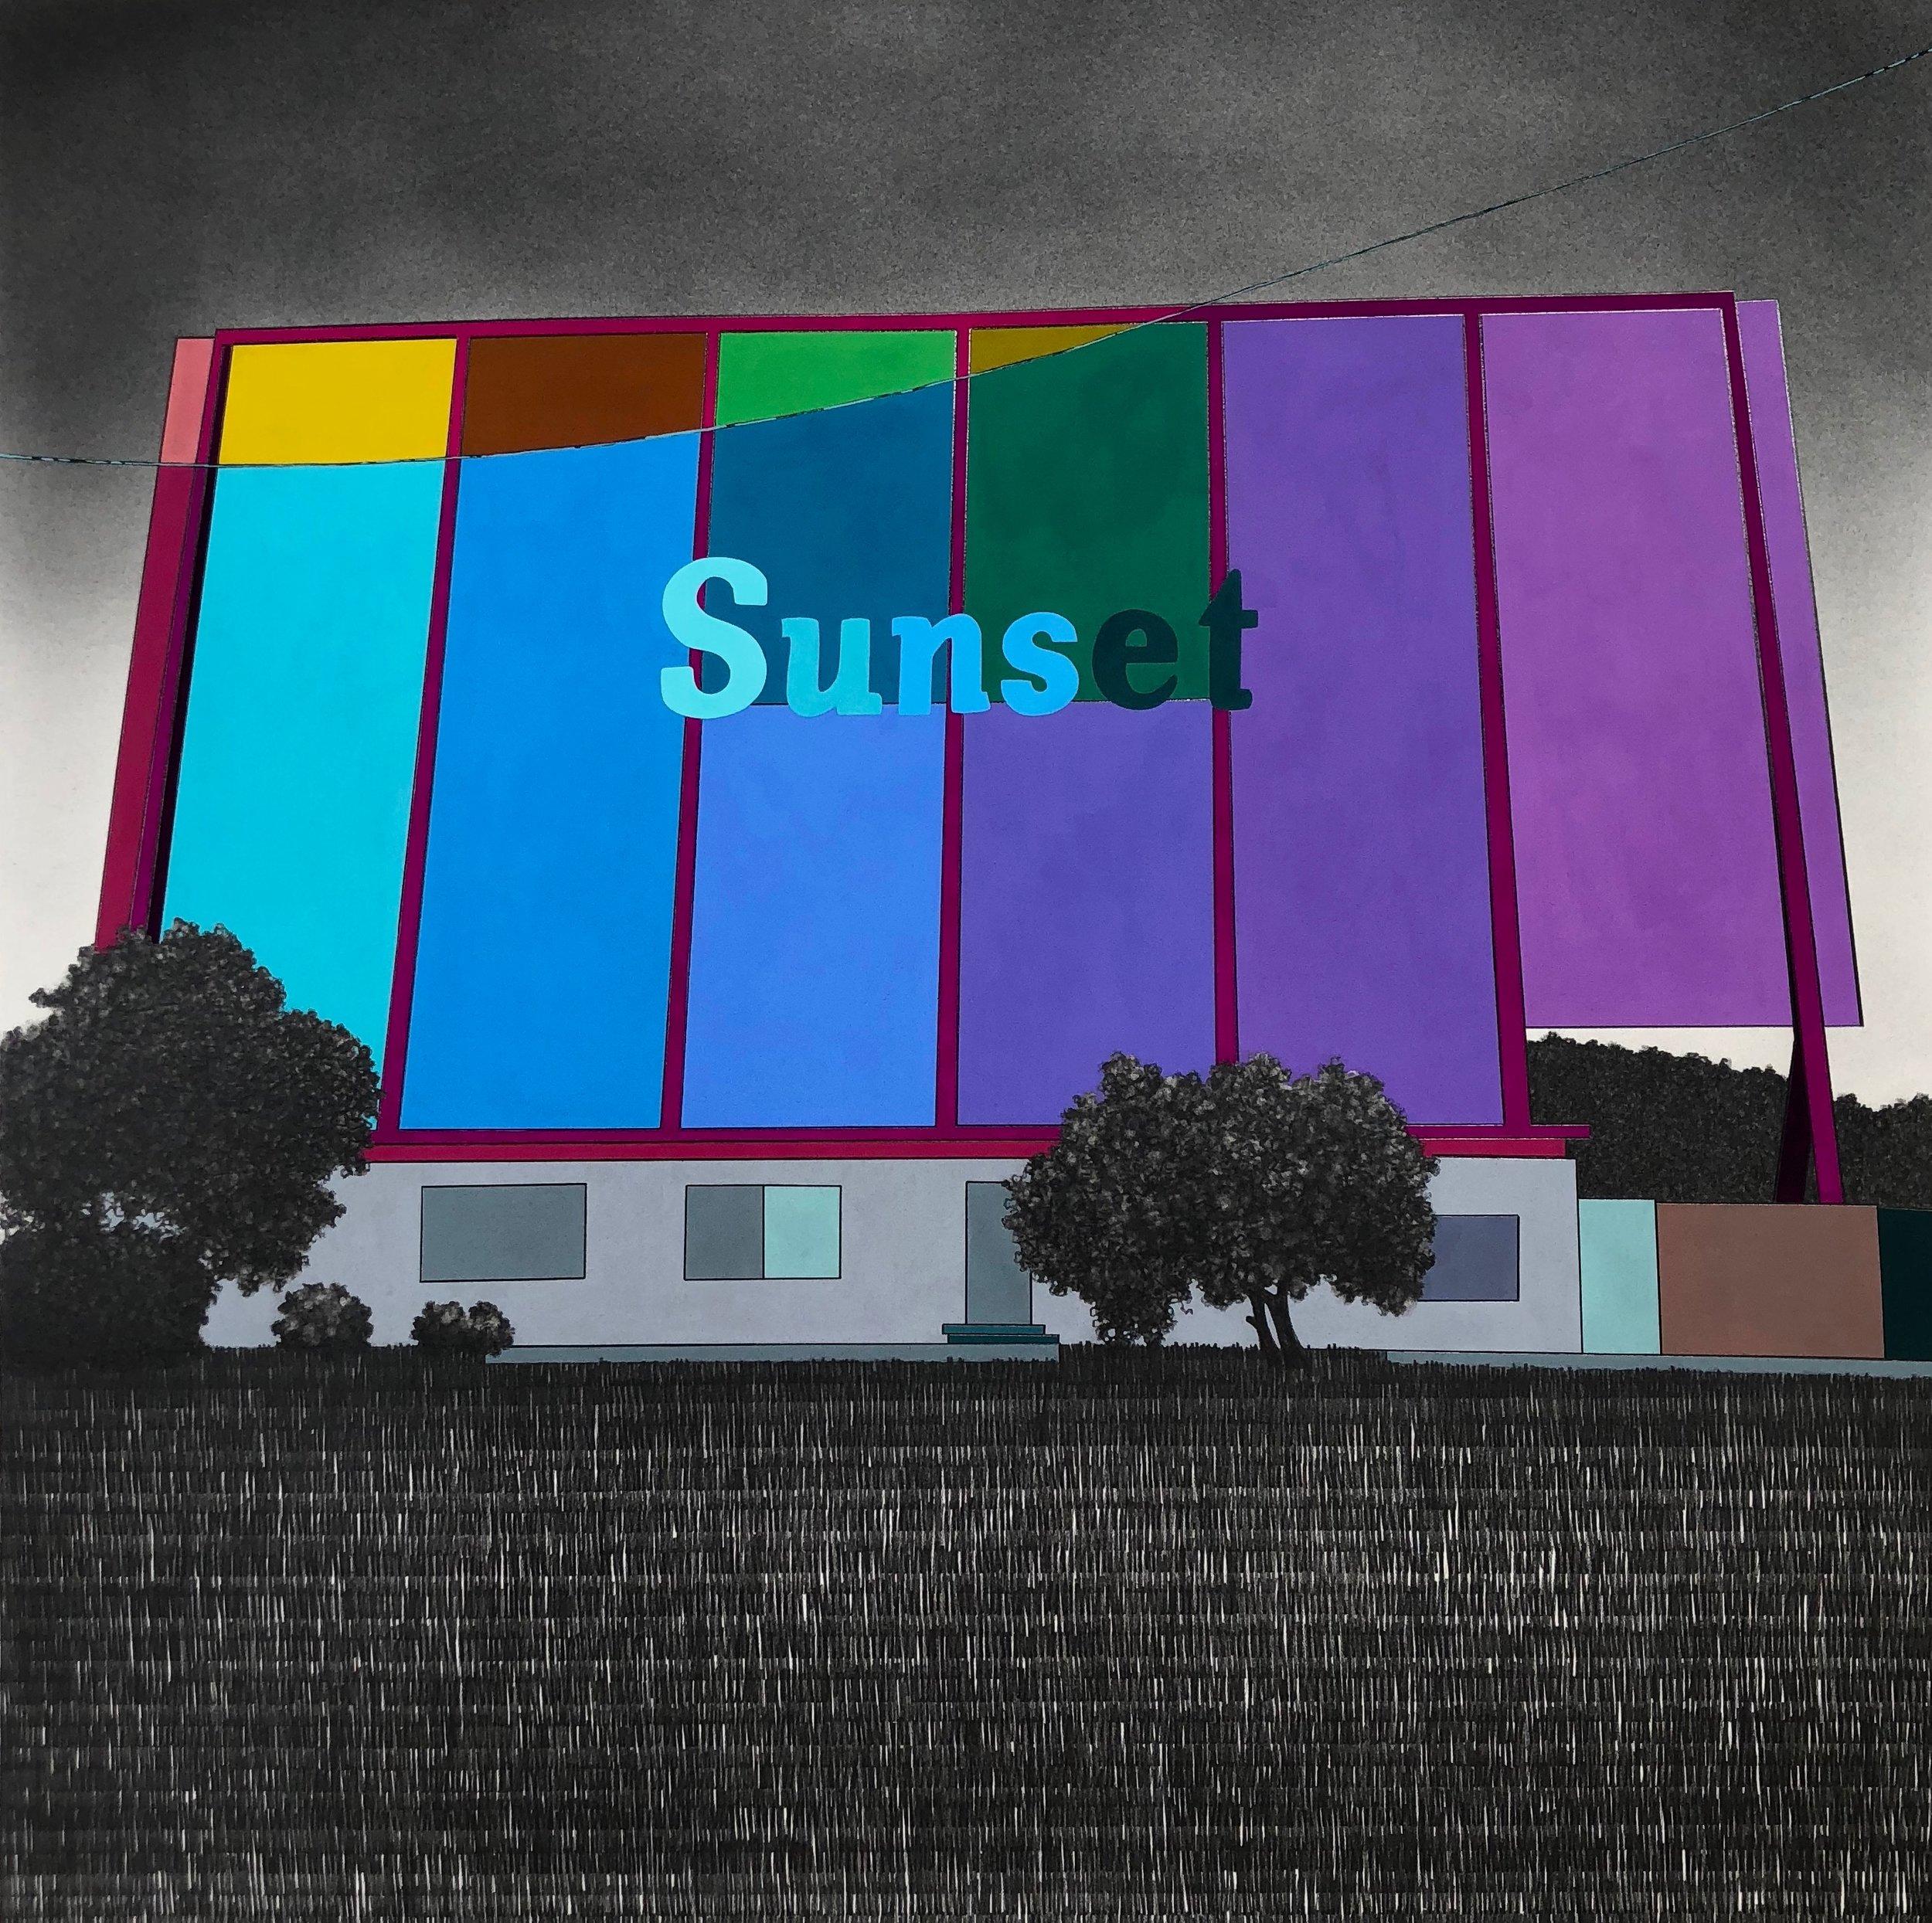 Frantz_Sunset.jpg